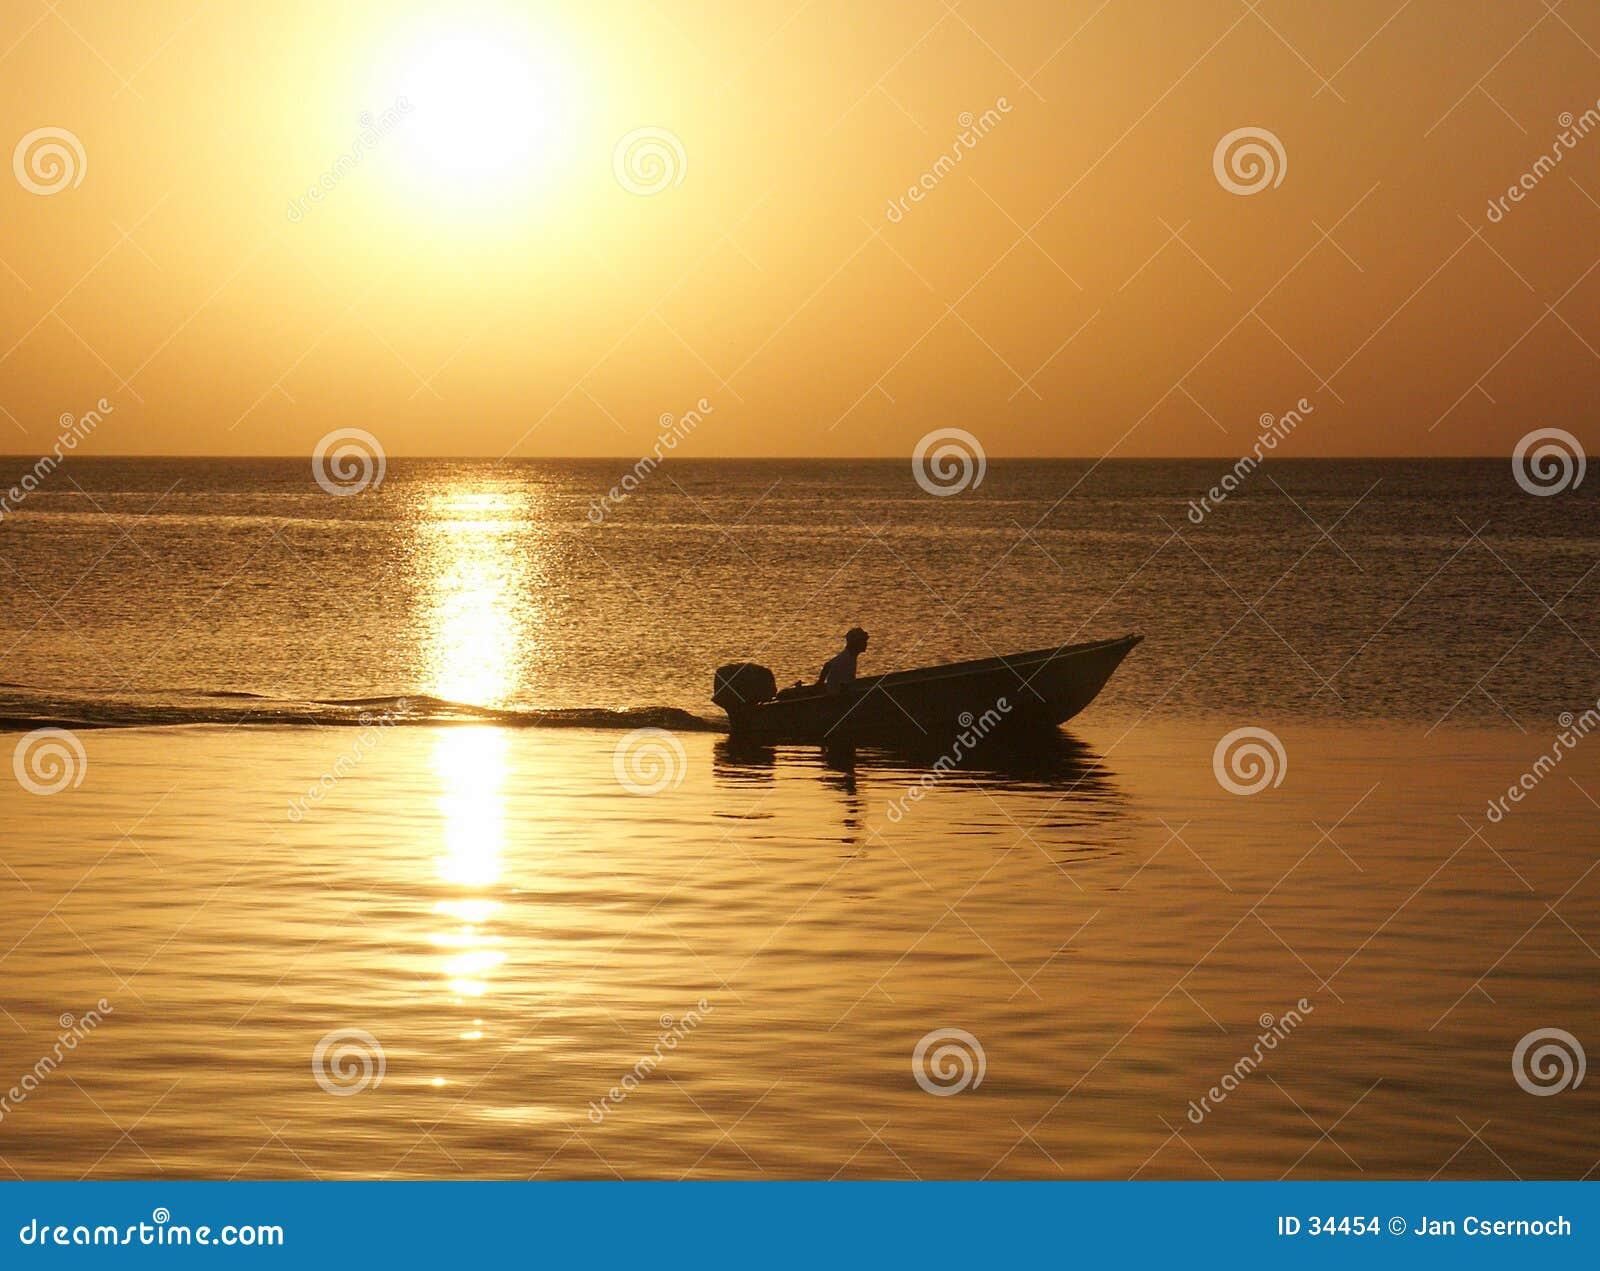 Sonnenuntergang mit Mann im Boot